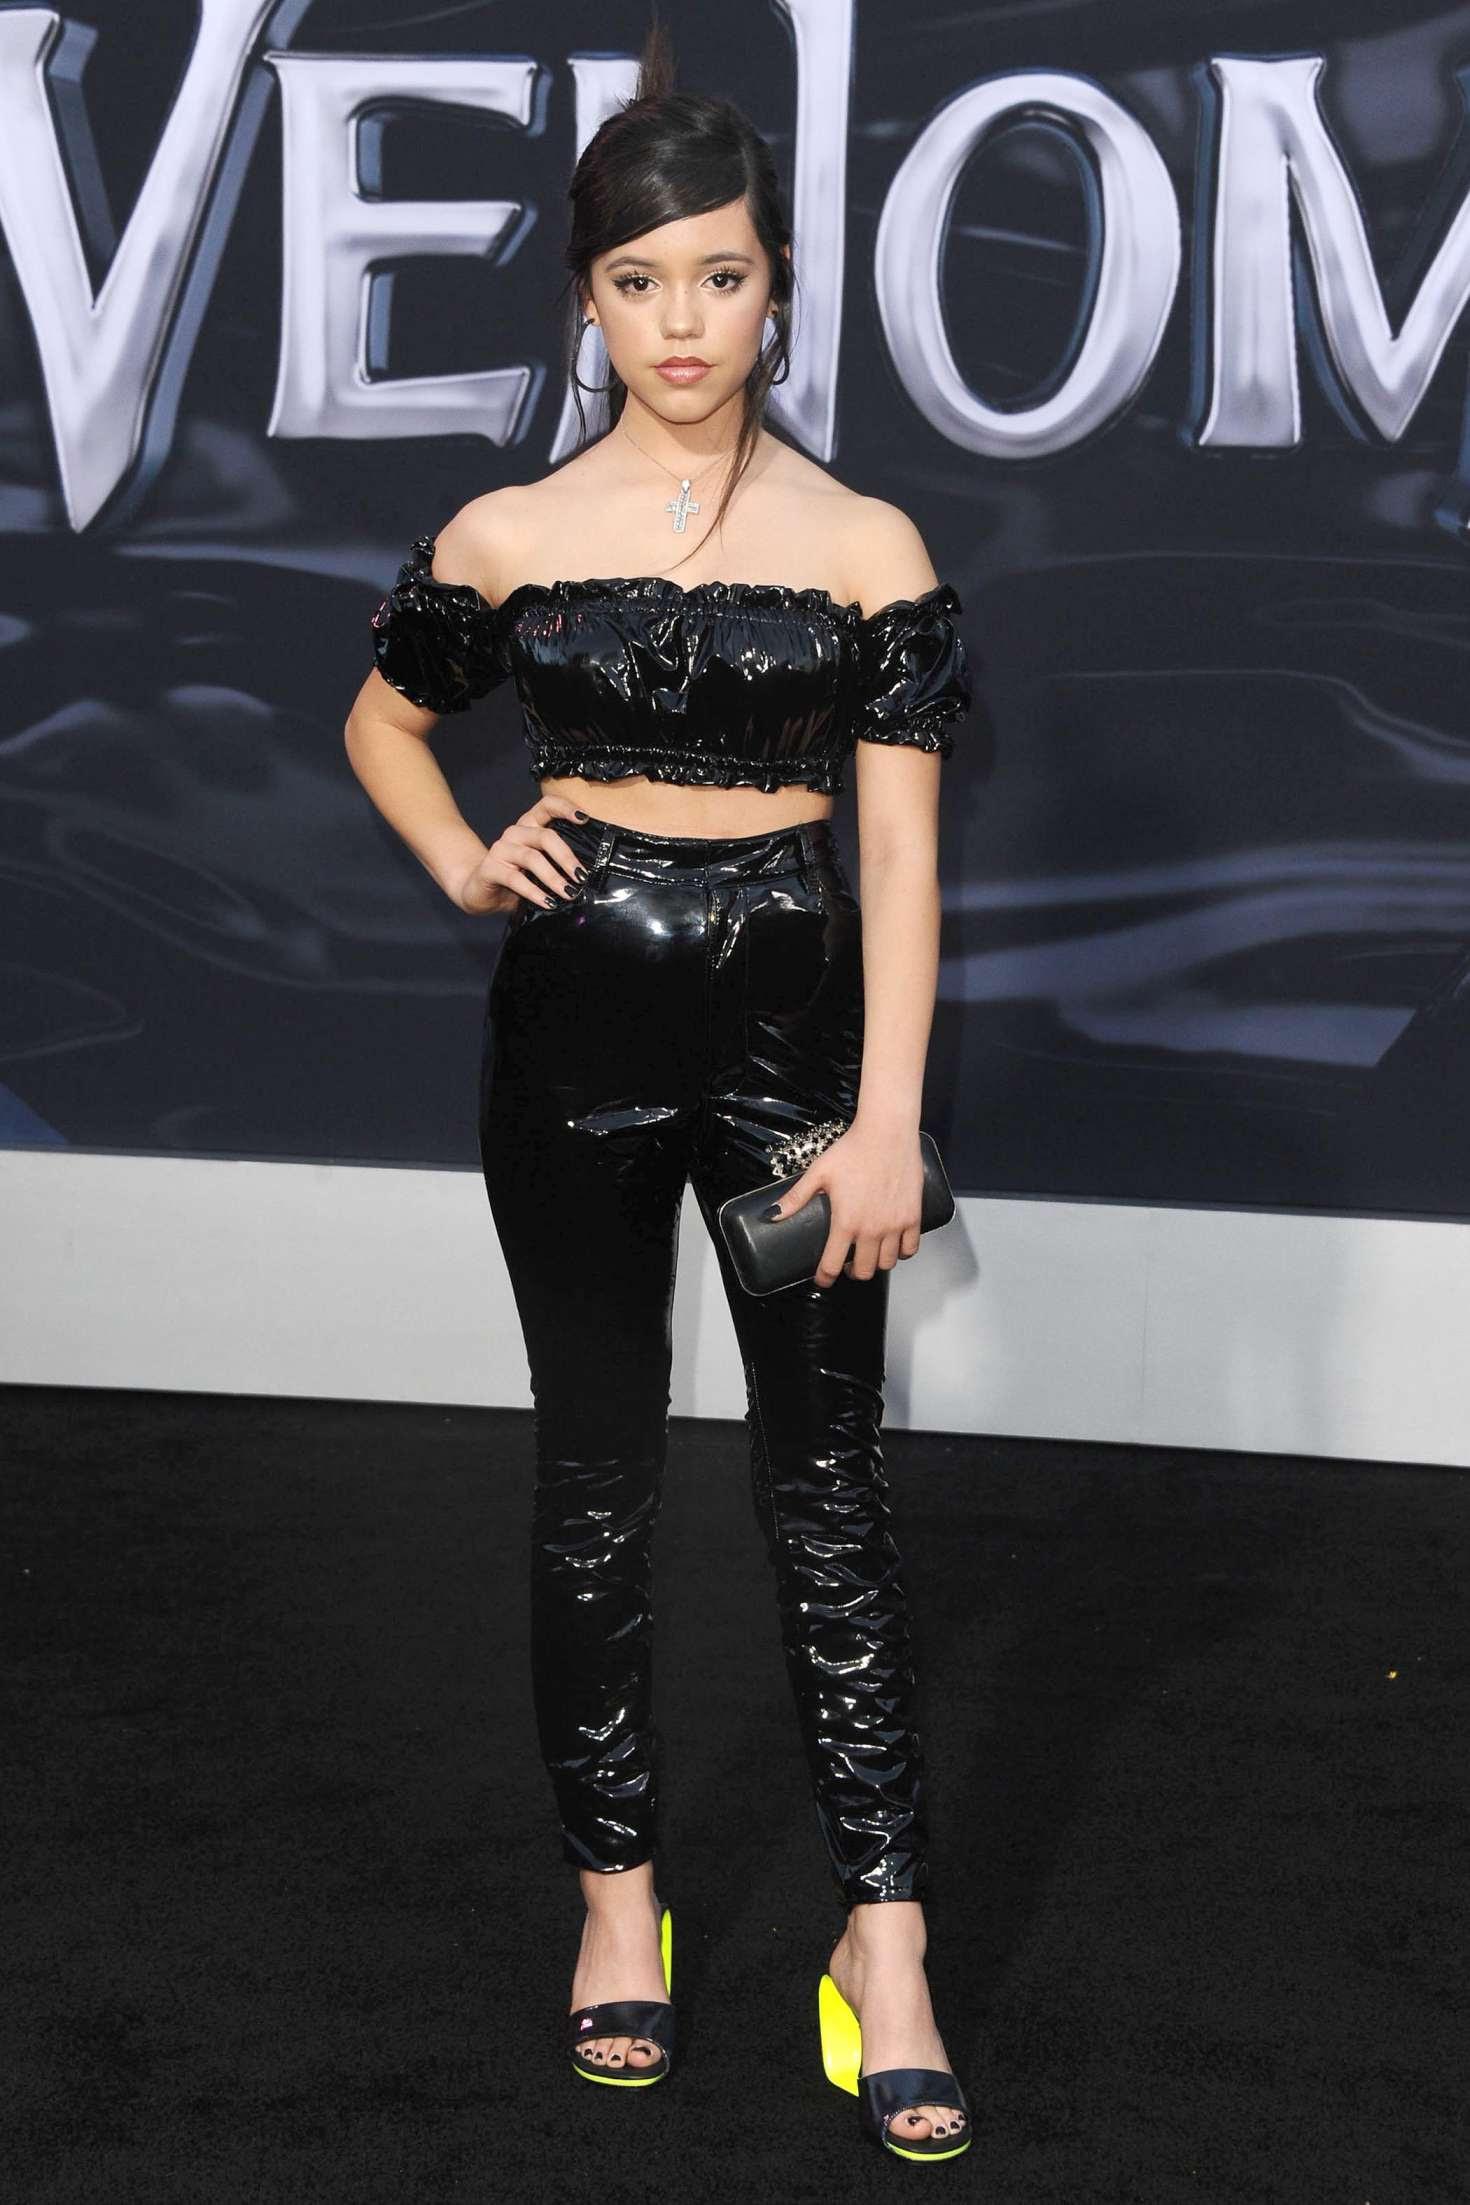 Jenna Ortega – 'Venom' Premiere in Los Angeles